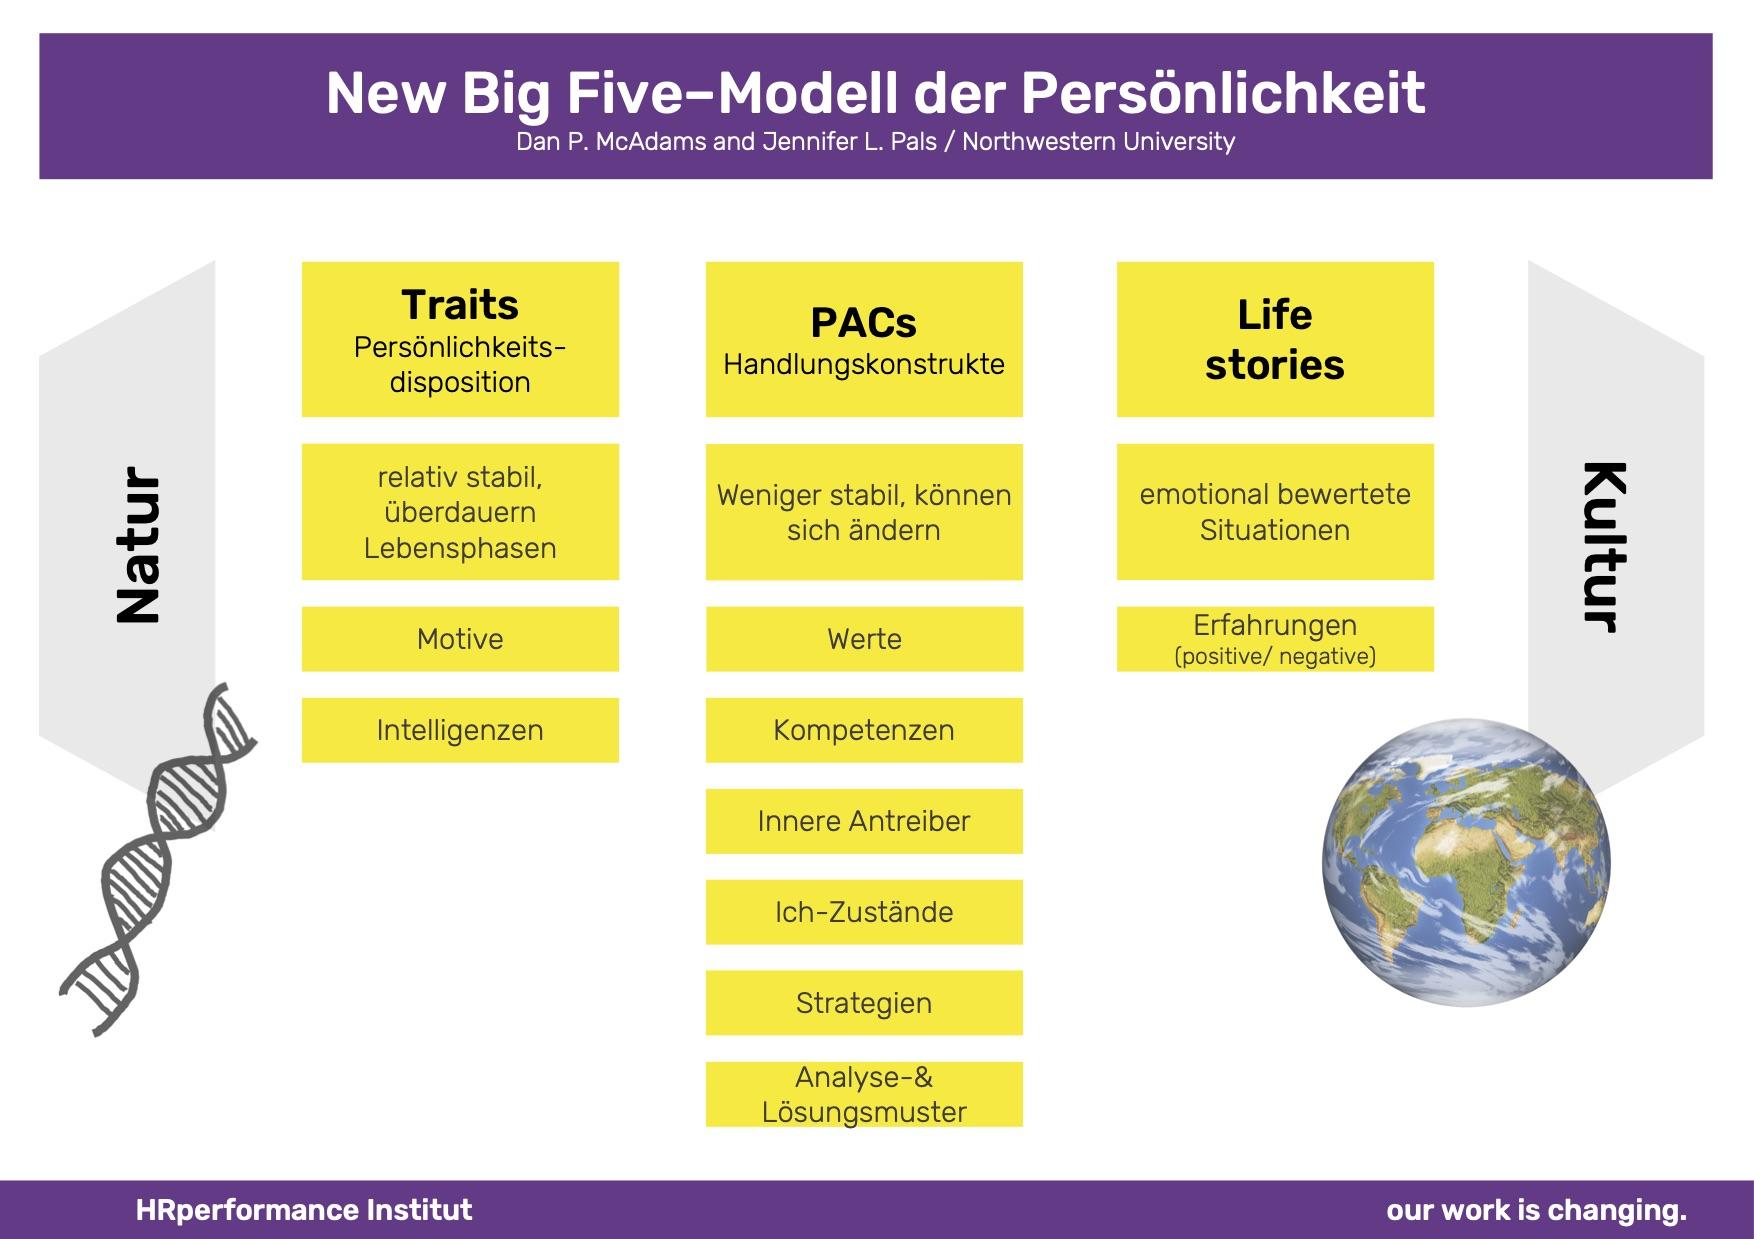 New Big Five Modell der Persönlichkeit